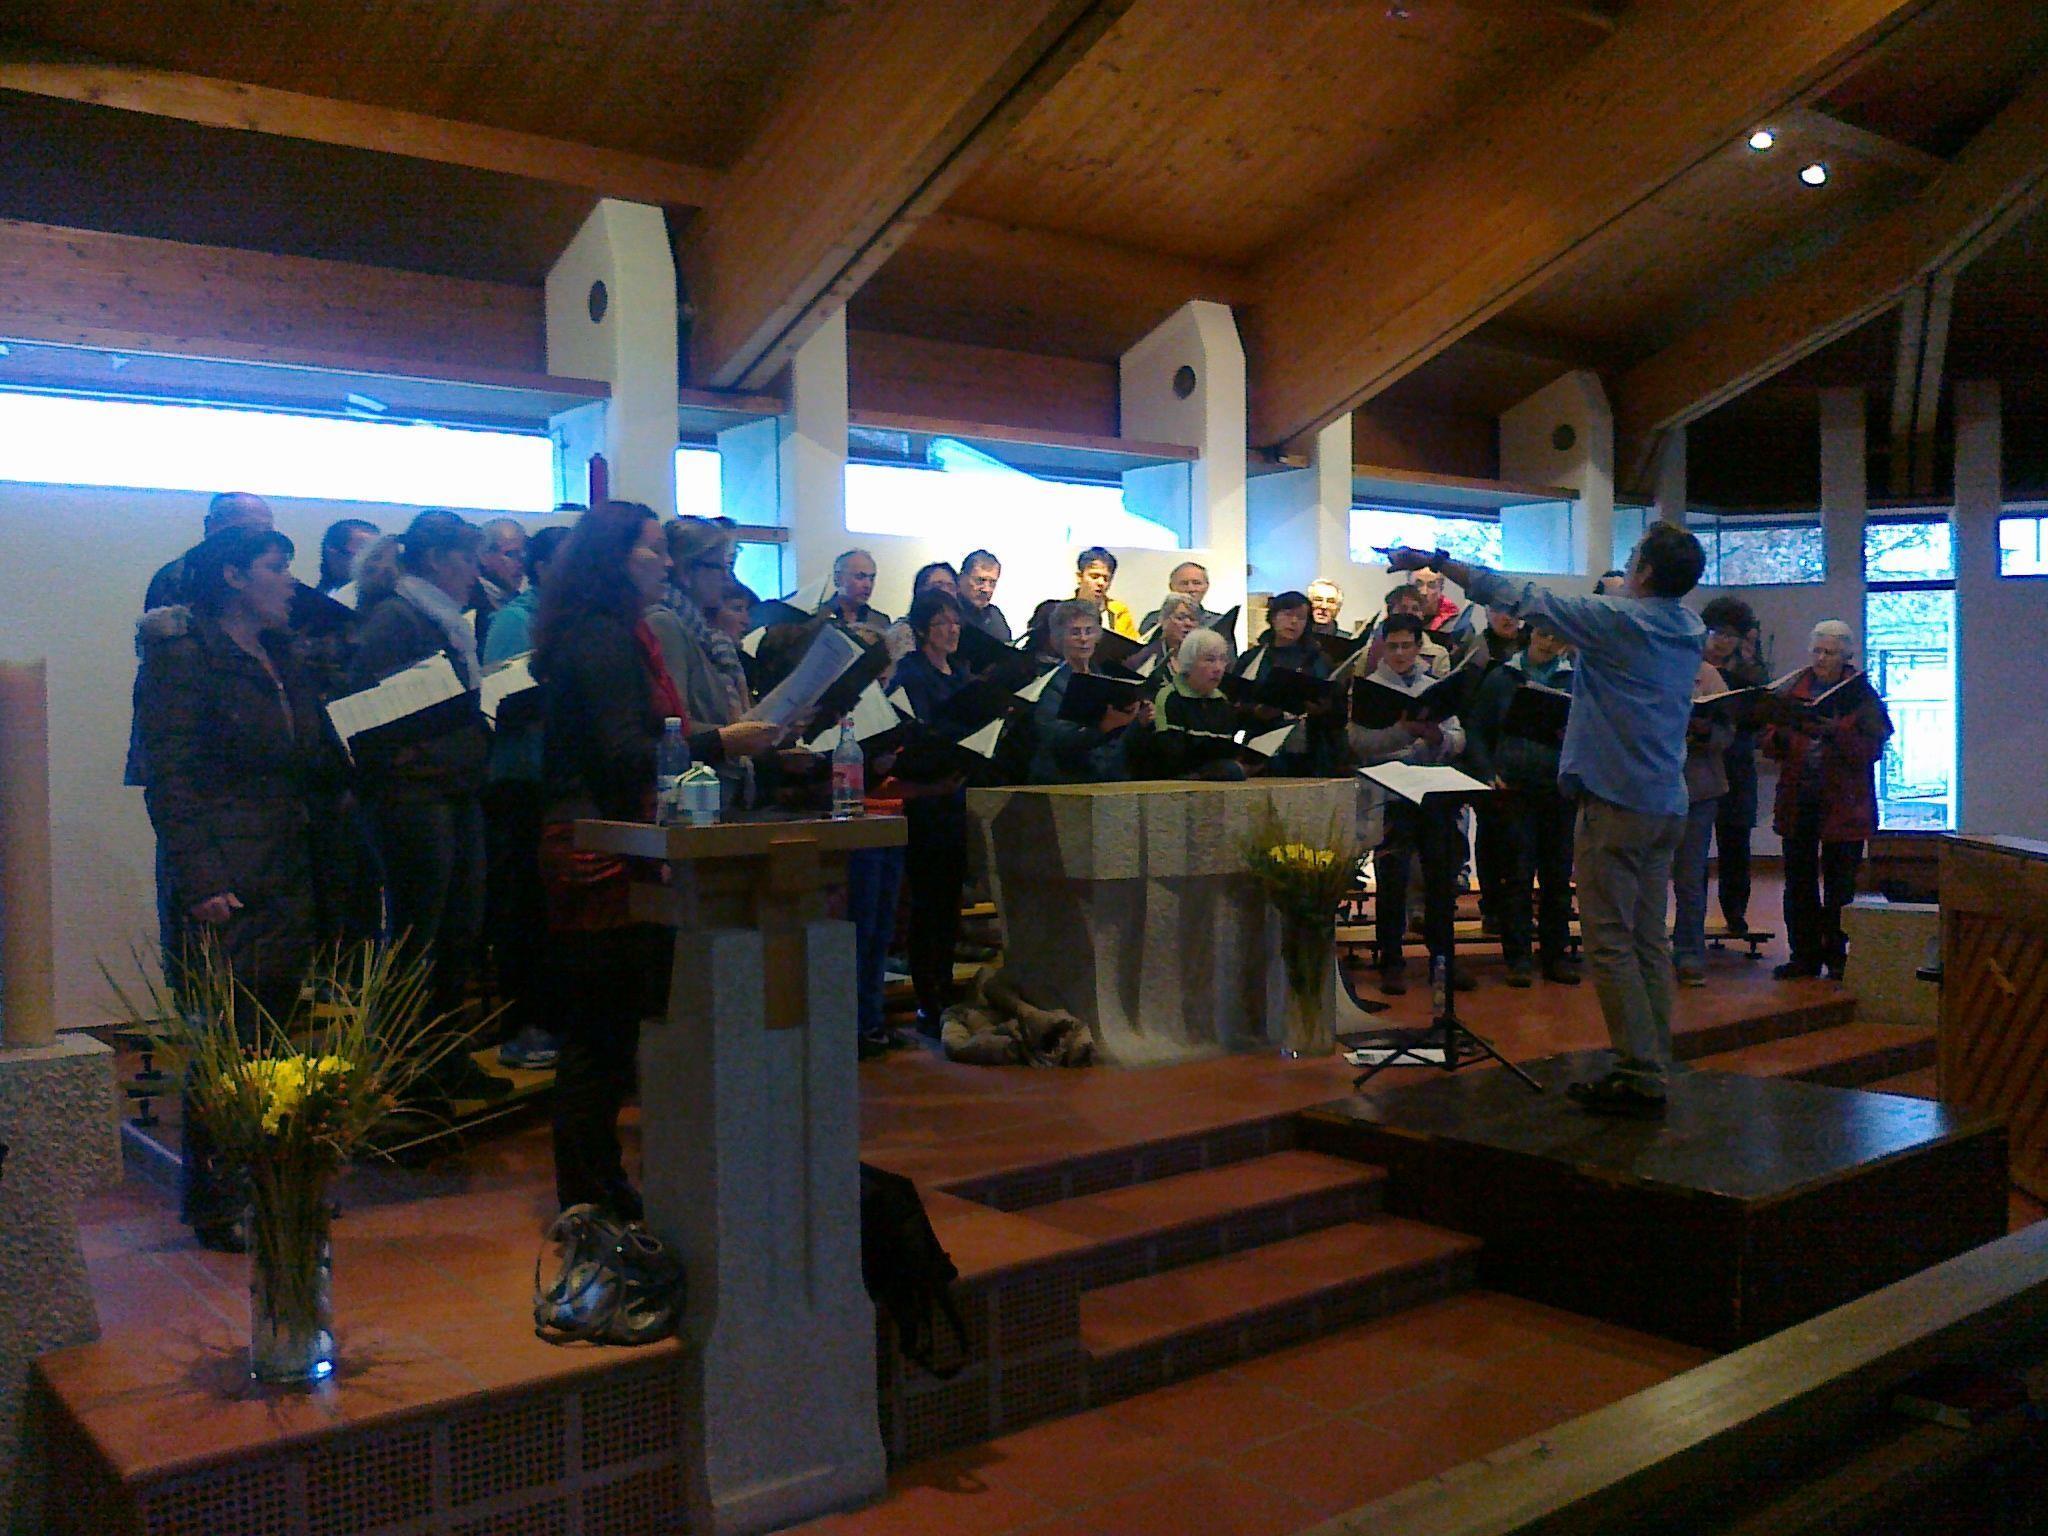 Der Chor St. Nikolaus bei der Generalprobe